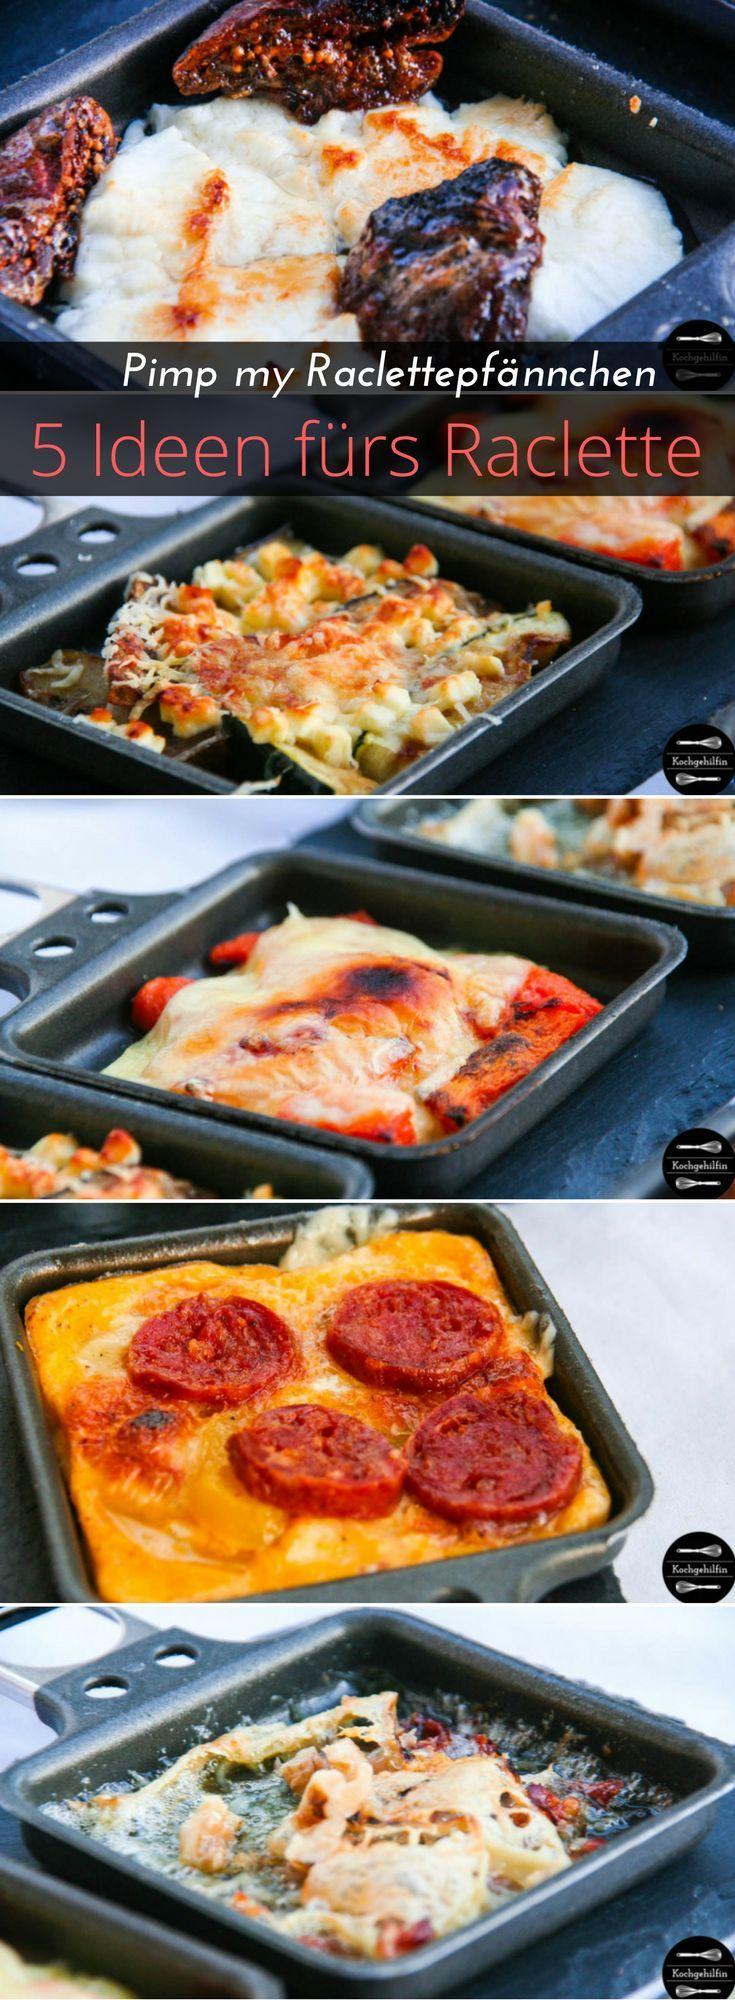 5 Ideen fürs Raclette mit Chorizo, Feigen, Kürbis, Zucchini oder Walnüssen. #fondue